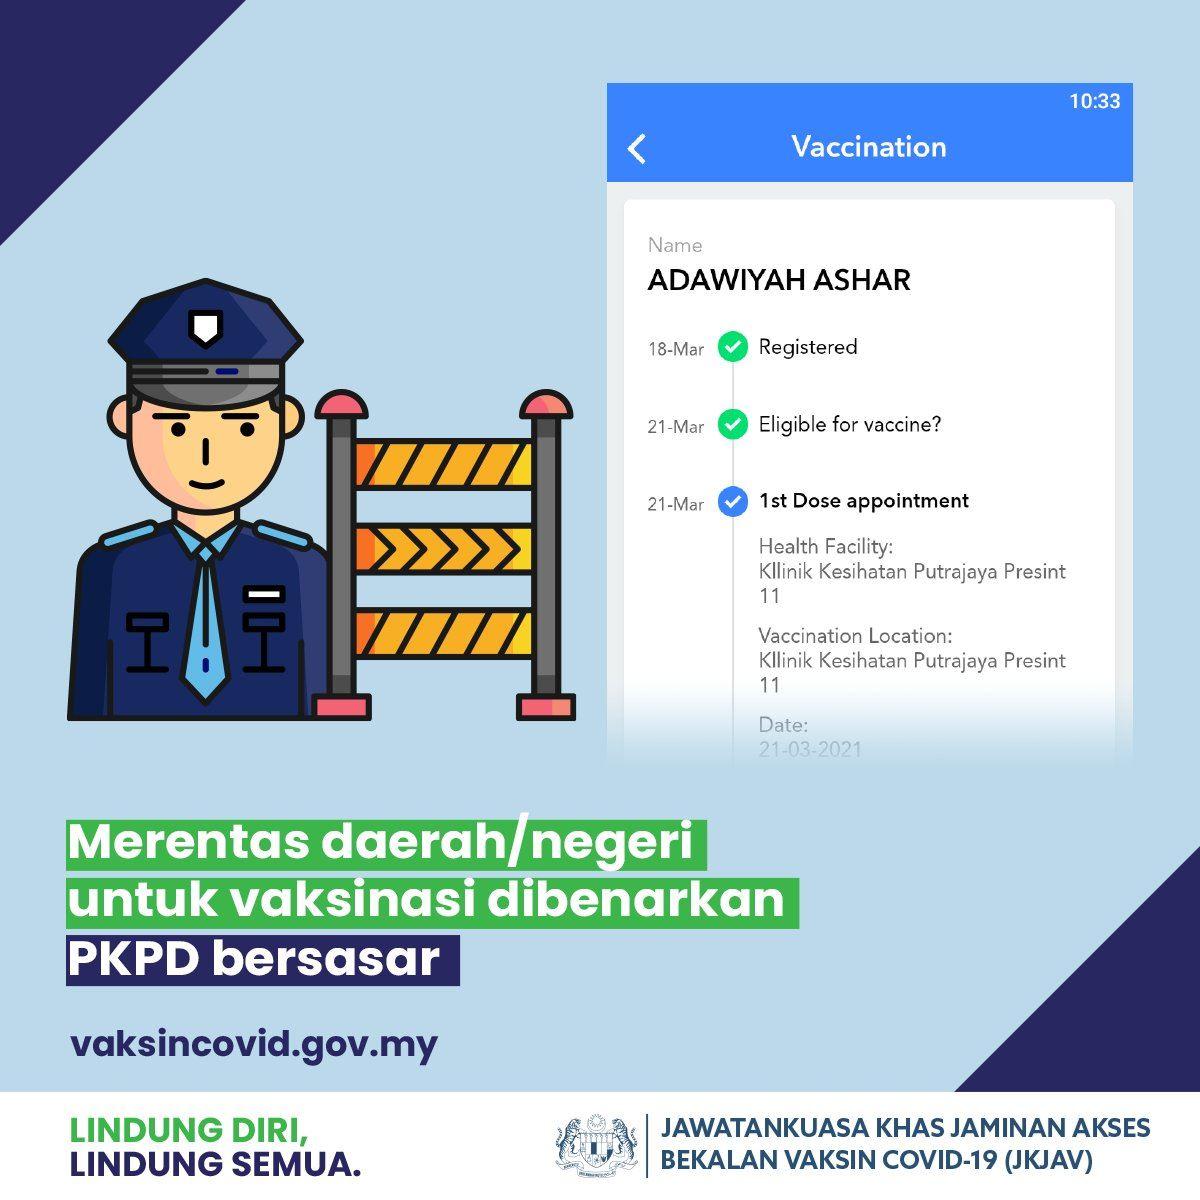 pkpd: jangan bimbang lalu roadblock untuk ambil vaksin